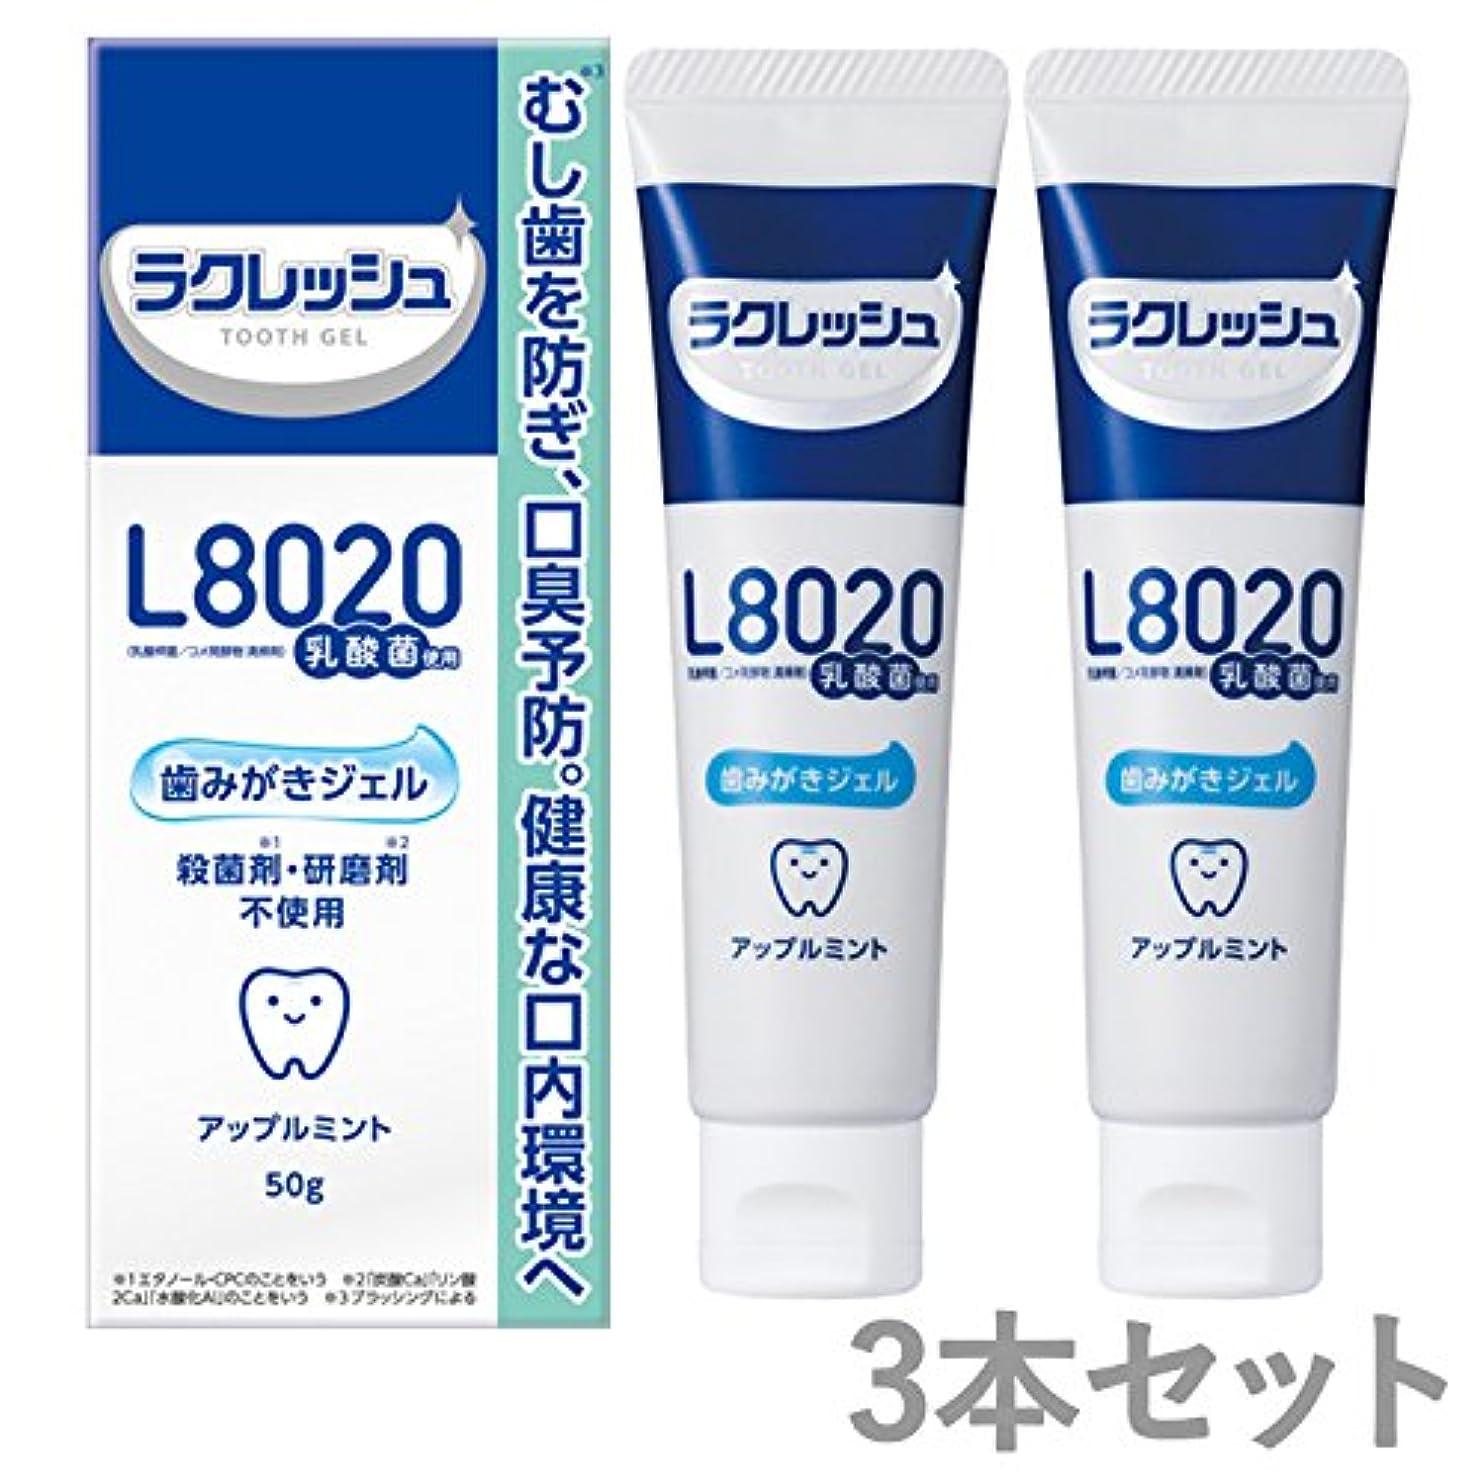 多用途雄弁家プロットジェクス L8020乳酸菌 ラクレッシュ 歯みがきジェル 50g × 3個セット